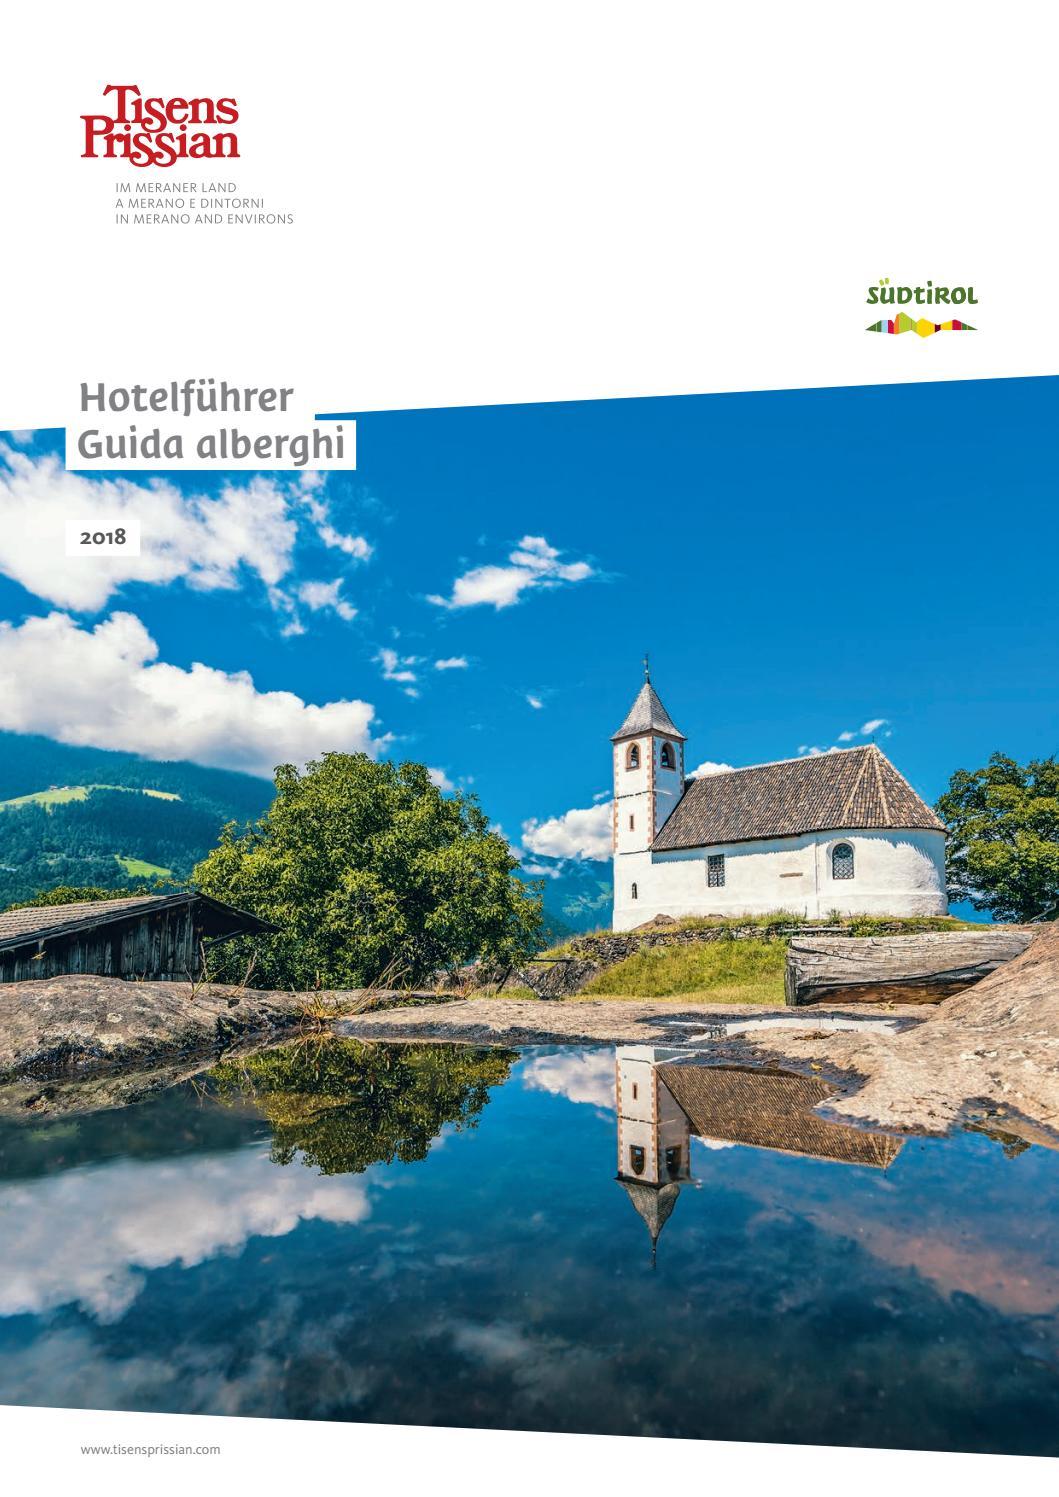 Tisens Prissian Unterkunftskatalog 2018 By Tourismusverein Tisens Prissian Issuu